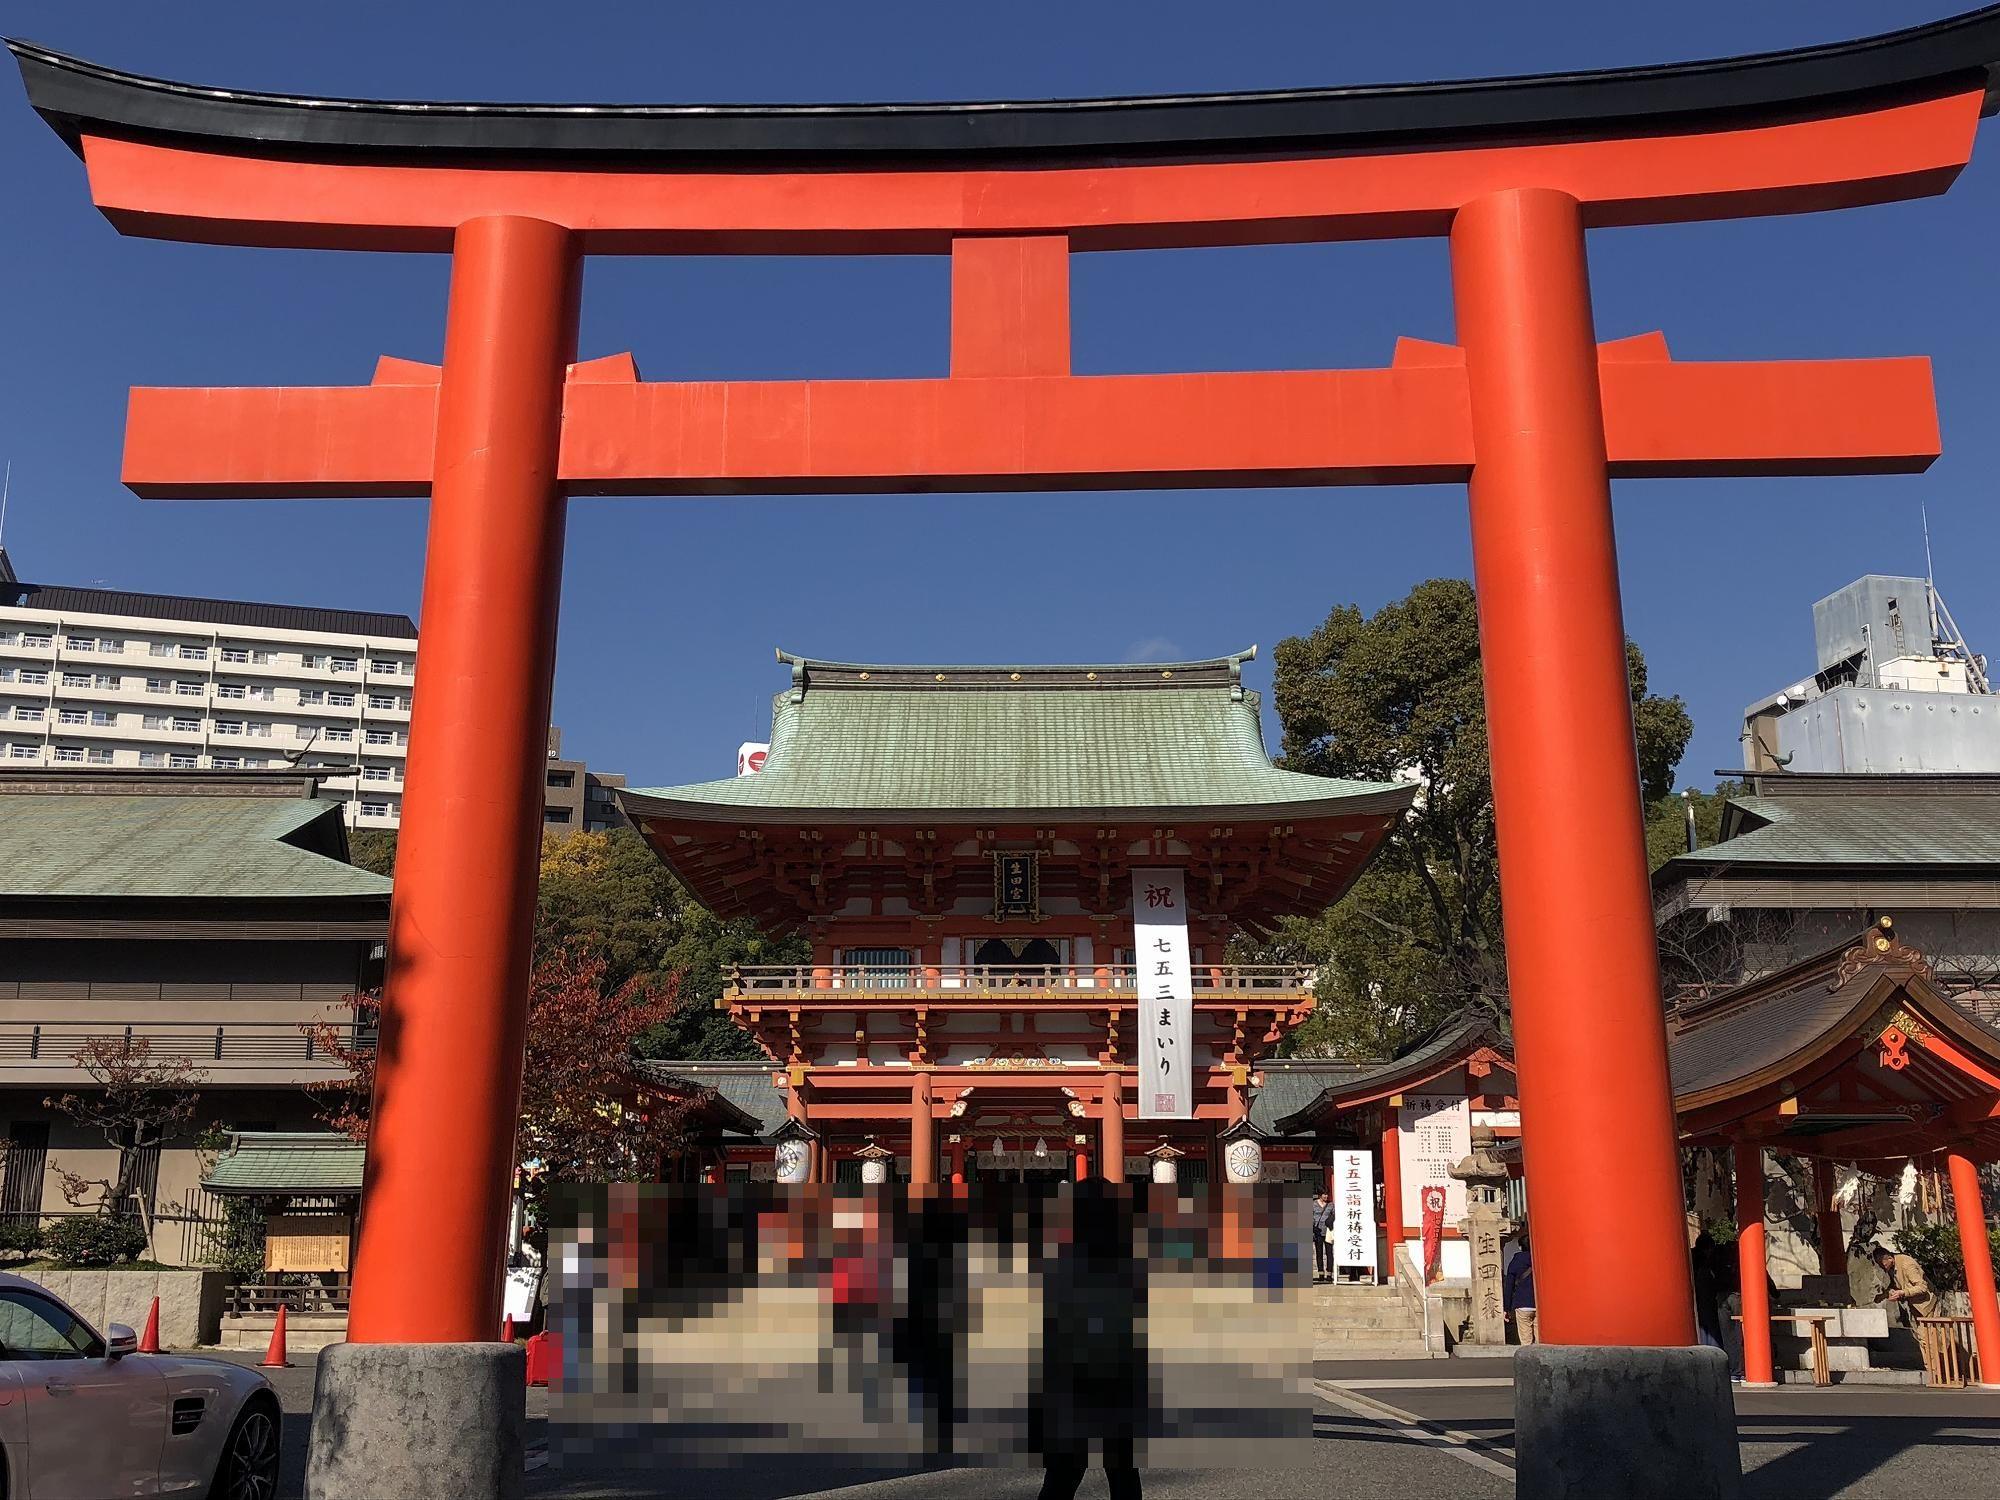 神戸のパワースポット・「生田神社」にお参りしてきた! #生田神社 #神戸観光 #パワースポット